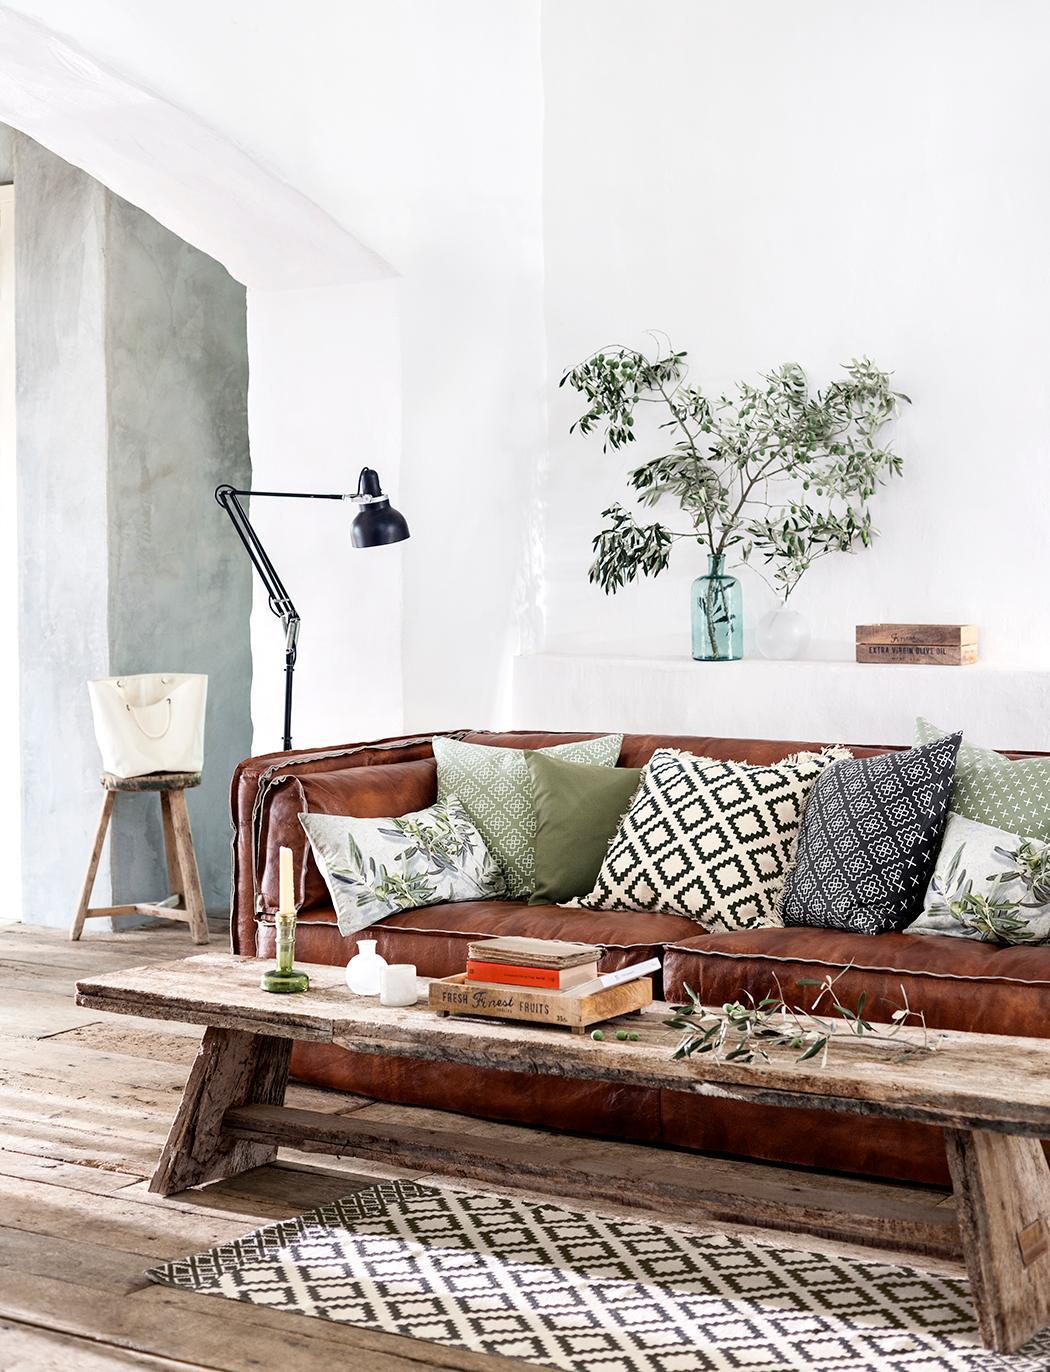 Rustikale Wohnzimmergestaltung Couchtisch Hocker Teppich Ledersofa Stehlampe Holzbank Sofa